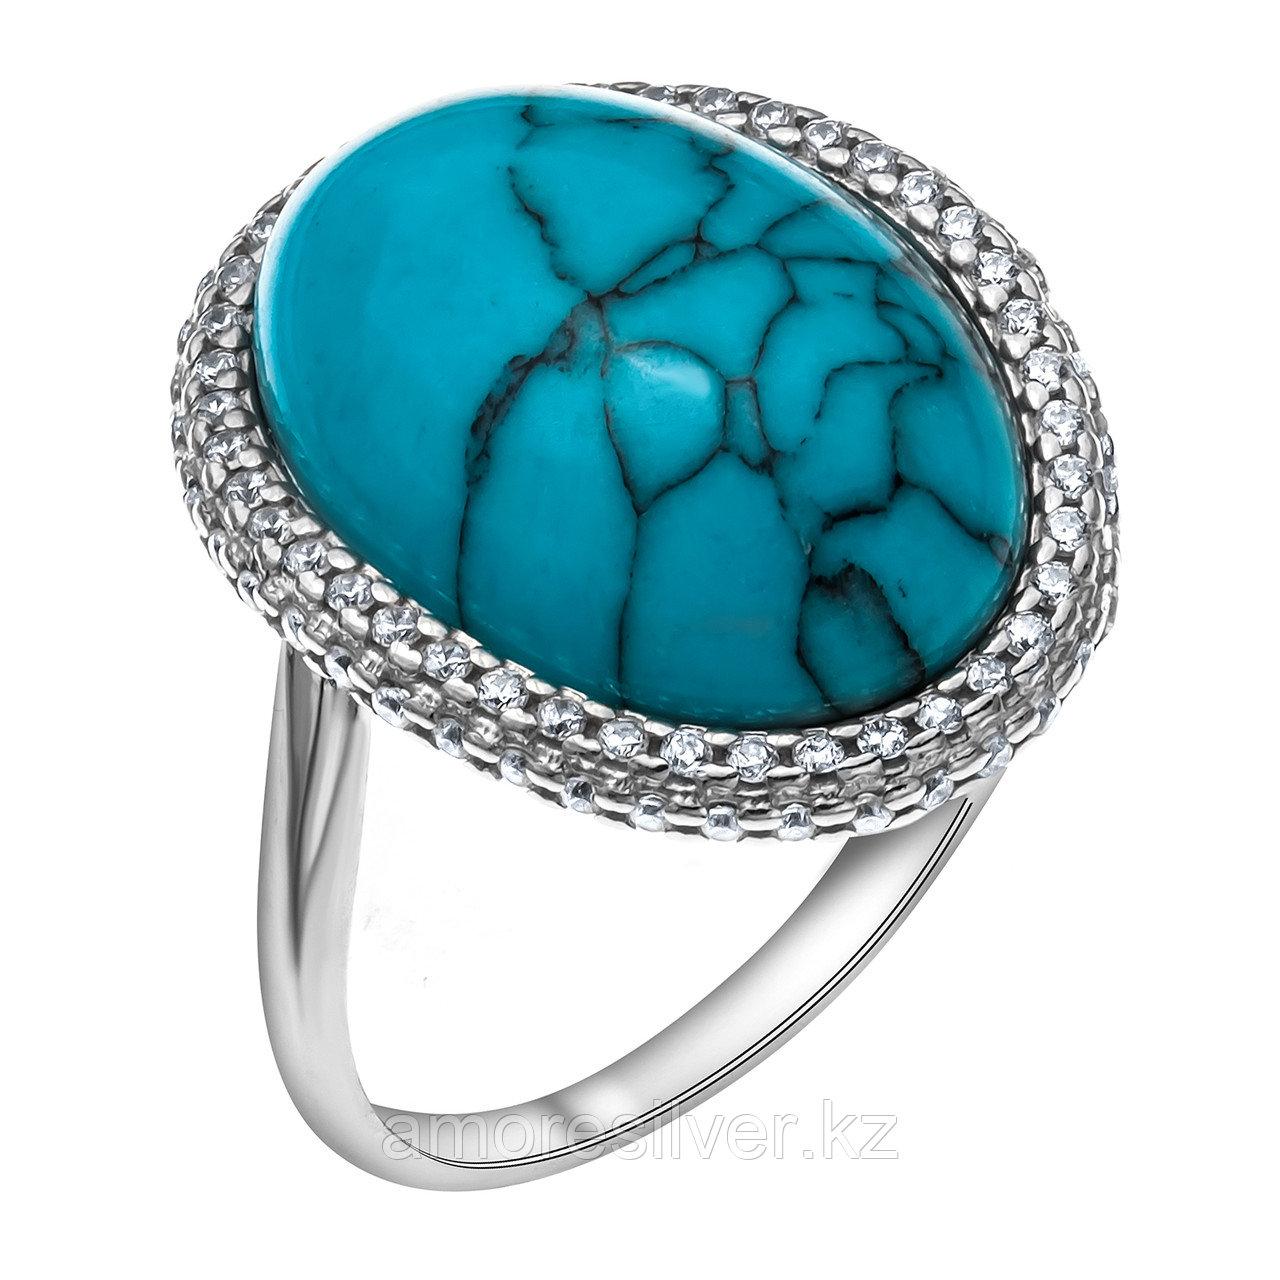 Серебряное кольцо с фианитом  Приволжский Ювелир 251162-TQ